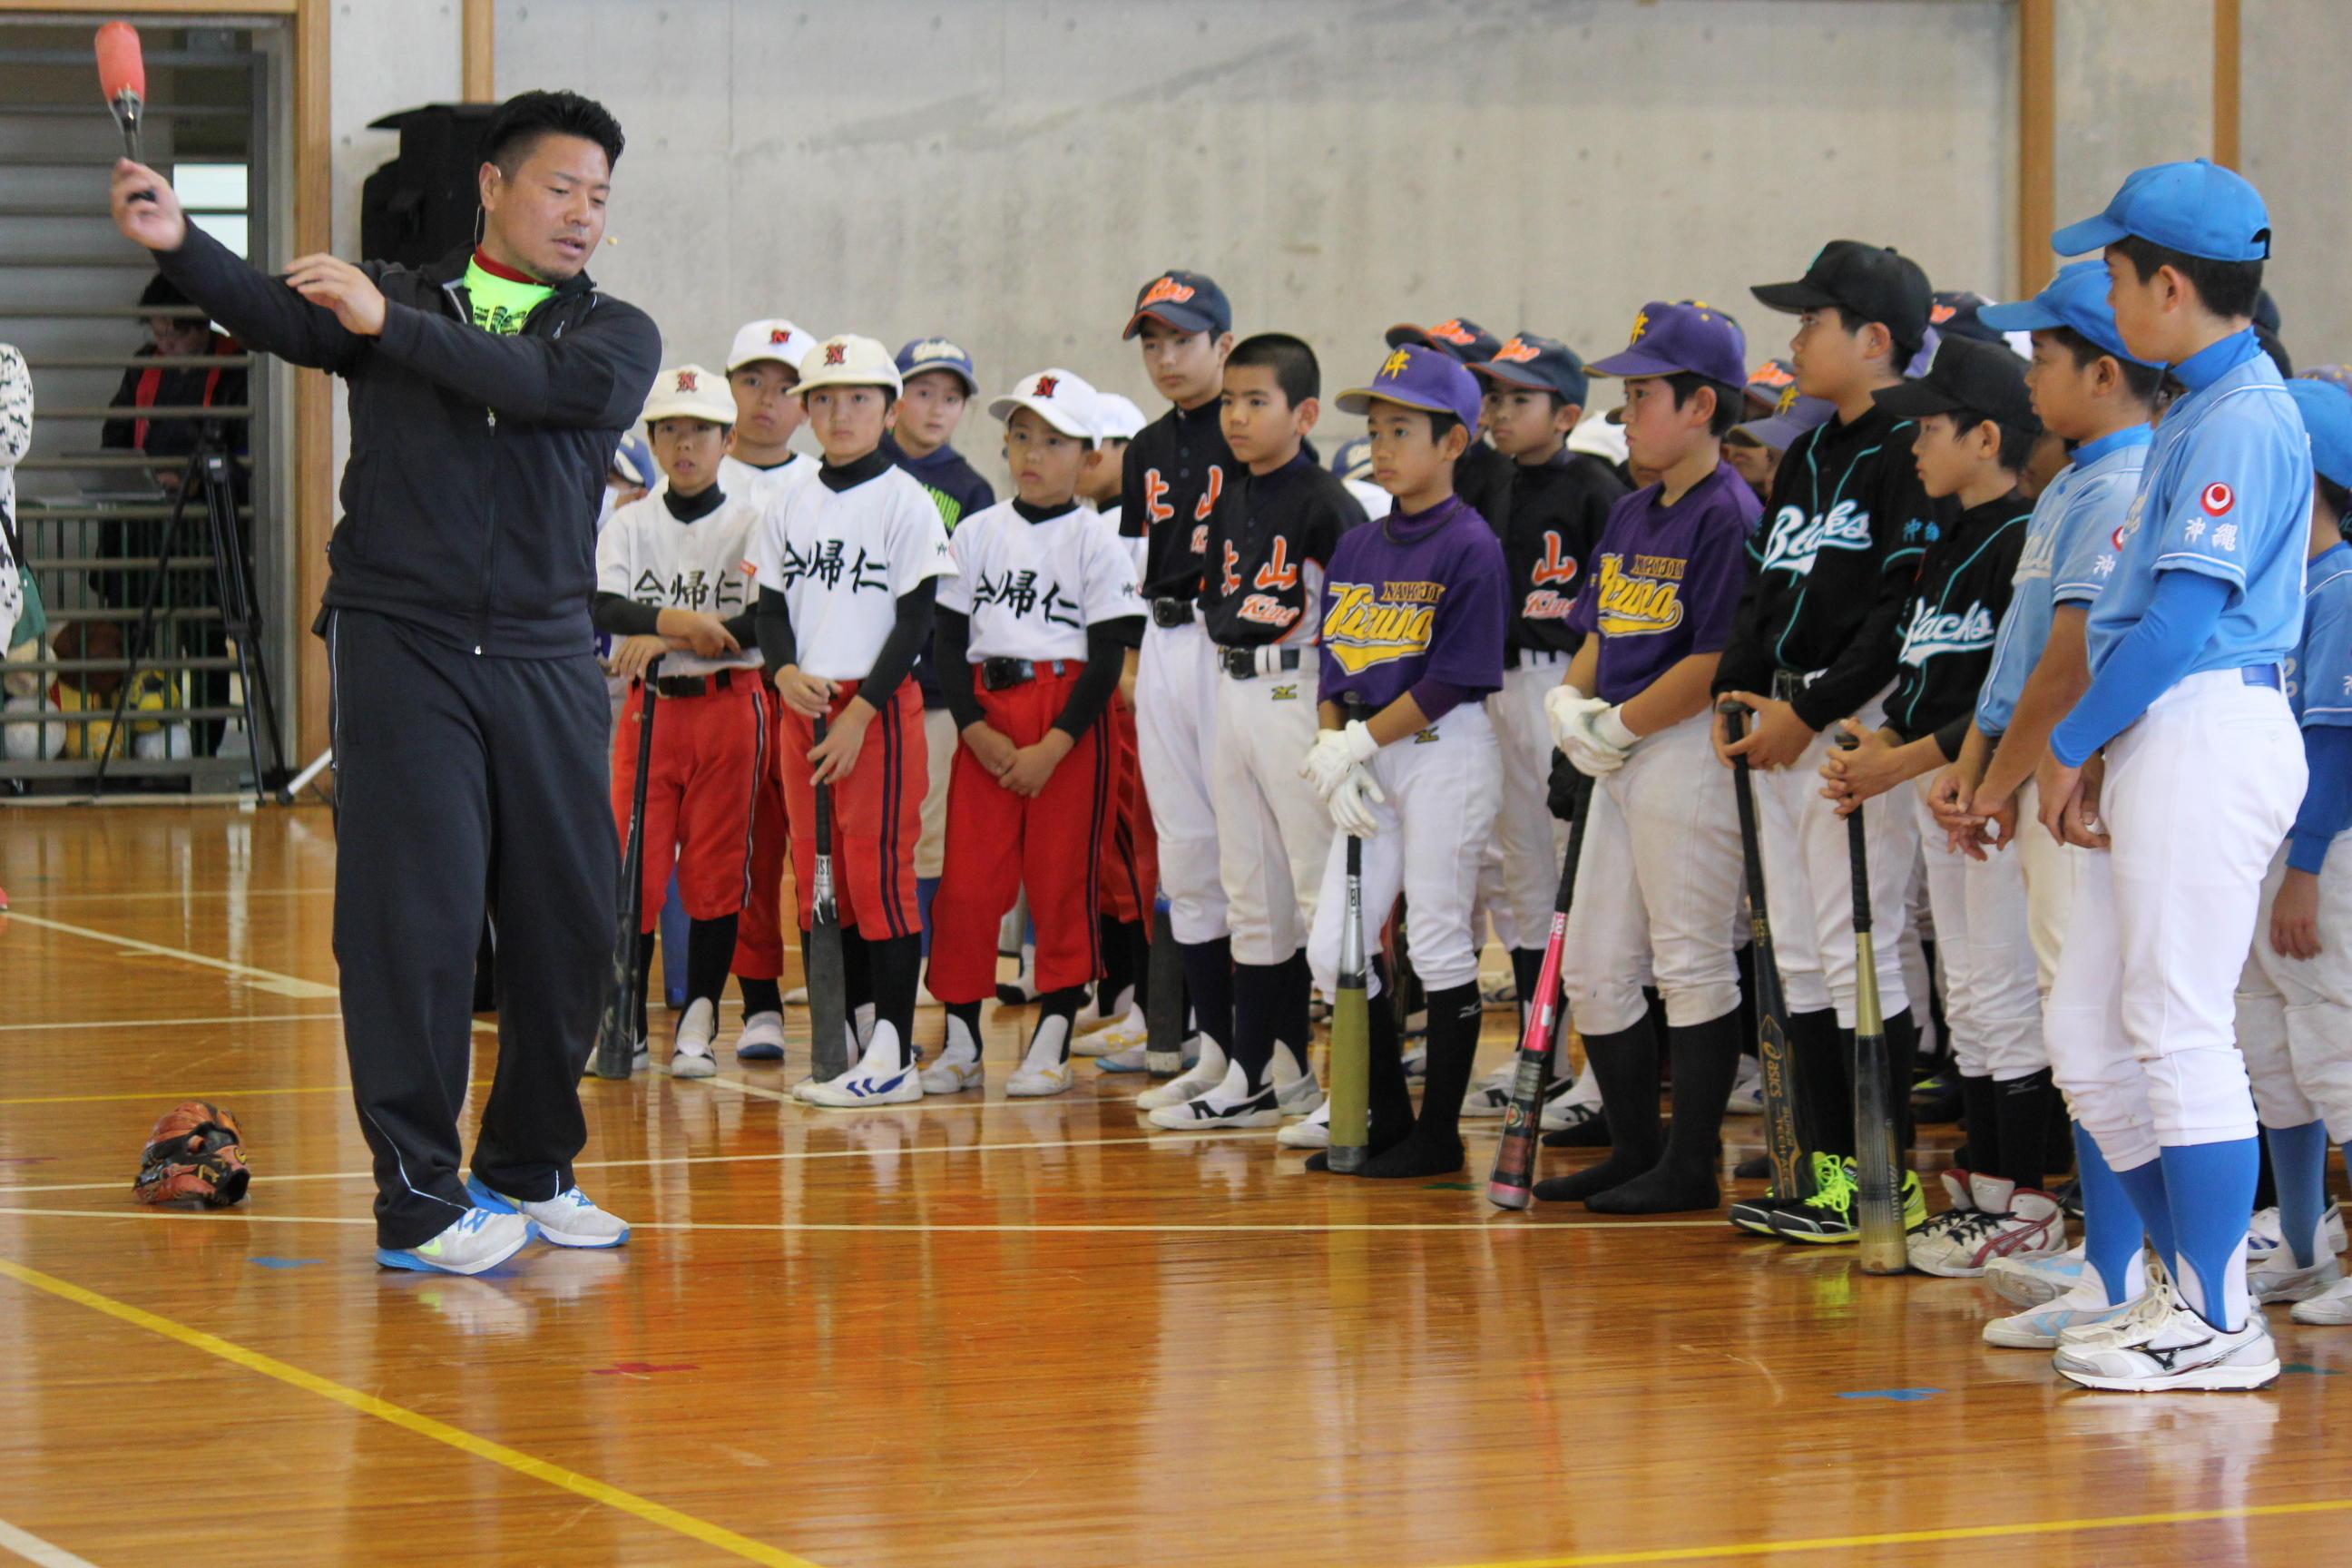 http://news.yoshimoto.co.jp/20170314192400-9a5d8780a14490ec367c3f2a9b34af7cfa7e61aa.jpg